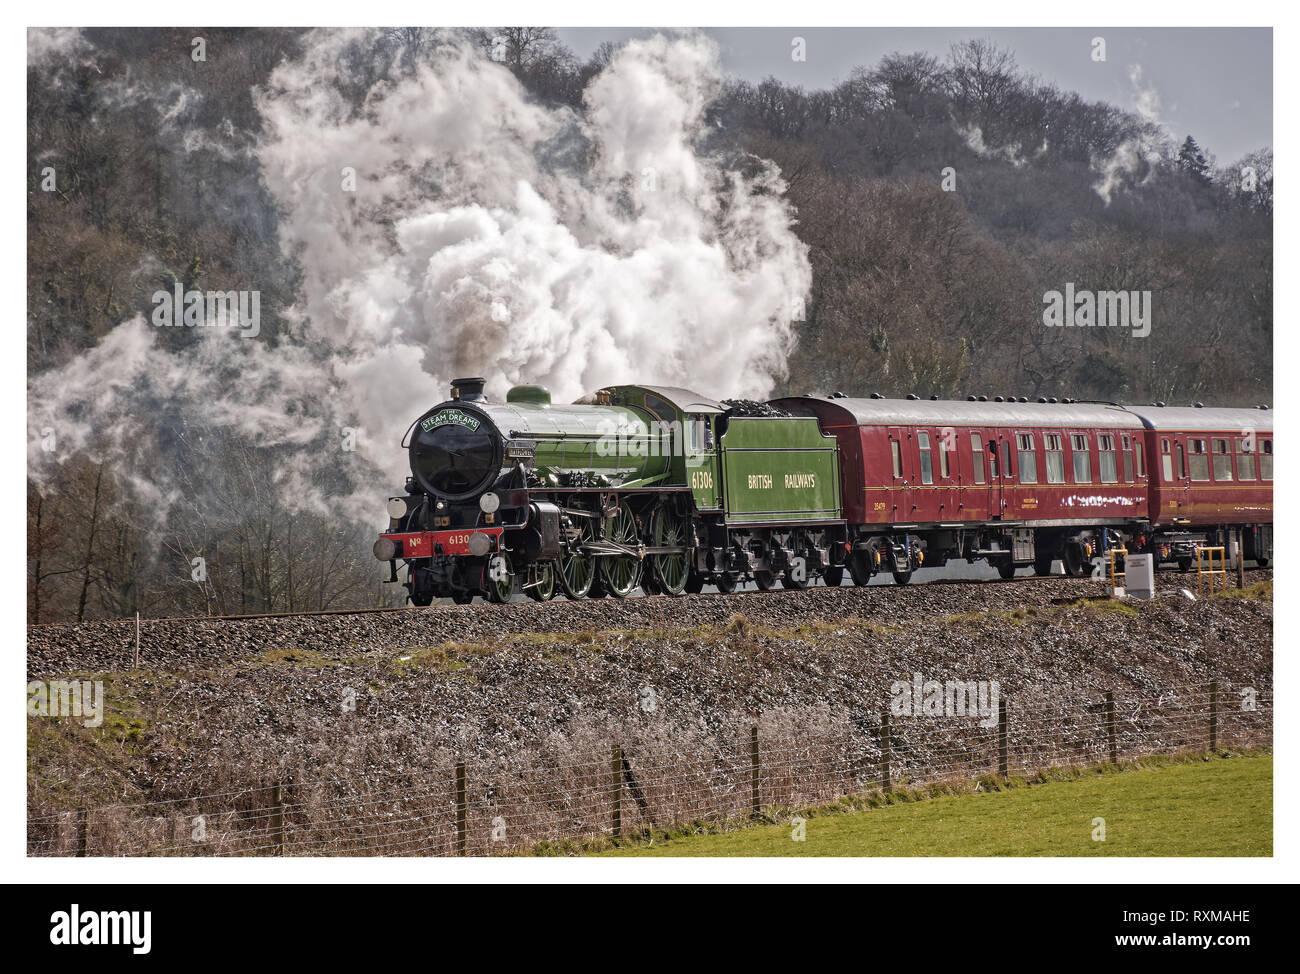 Die makellos 61306 Mayflower Dampf auf der locomative catherdrals express März 2019 Stockbild